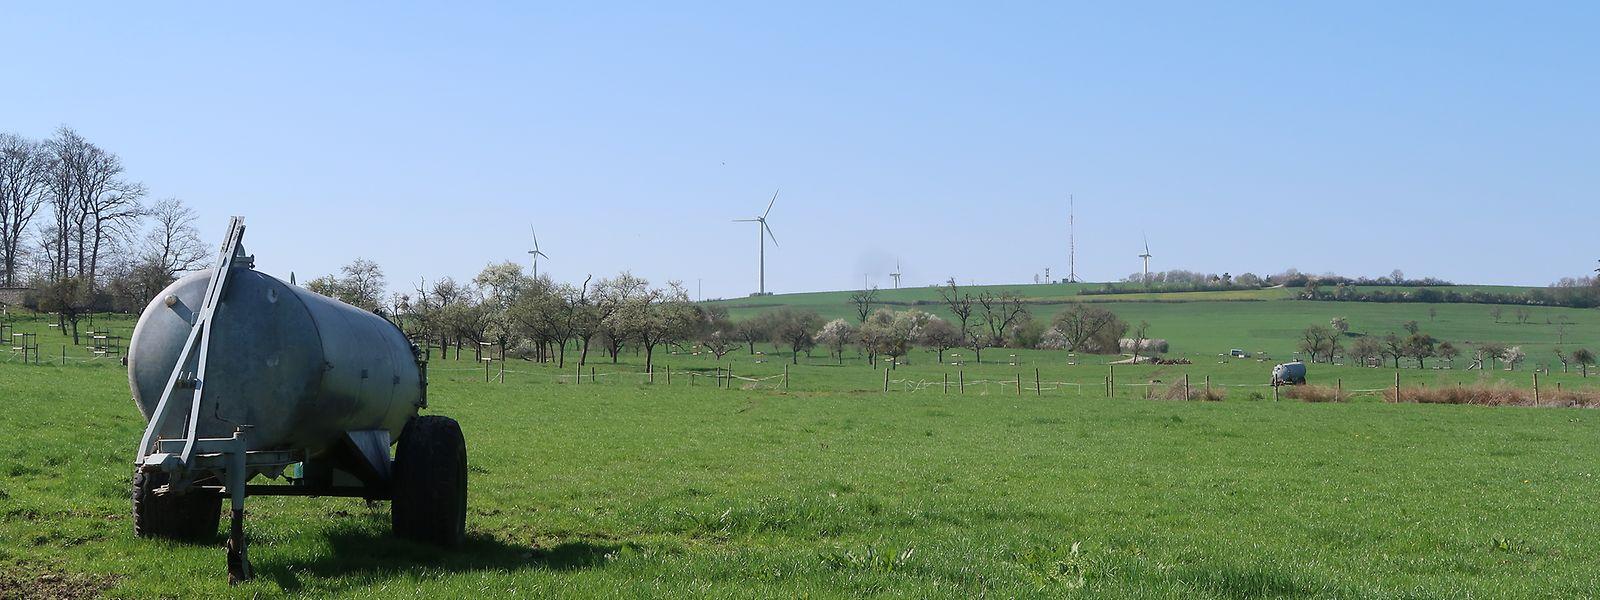 Windräder bei Mompach: Sie werden demnächst abgebaut und durch eine einzige, leistungsfähige Anlage ersetzt.